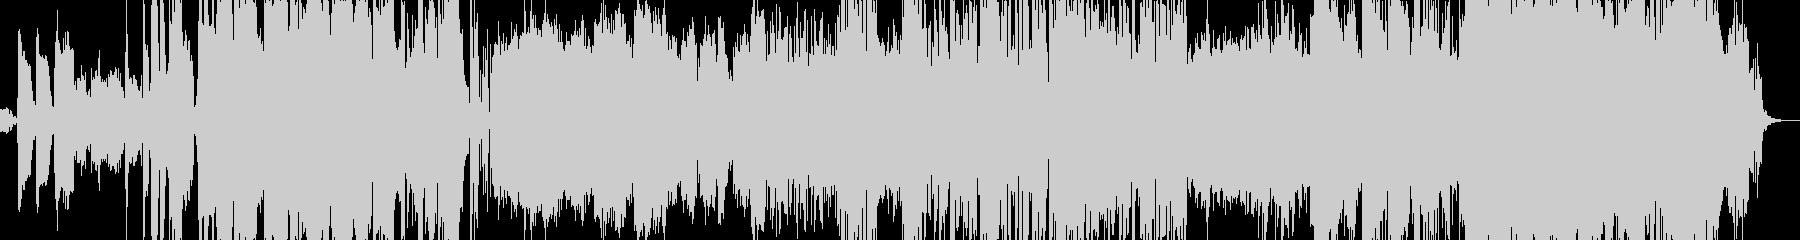 機械的・オープニング・ピアノの未再生の波形